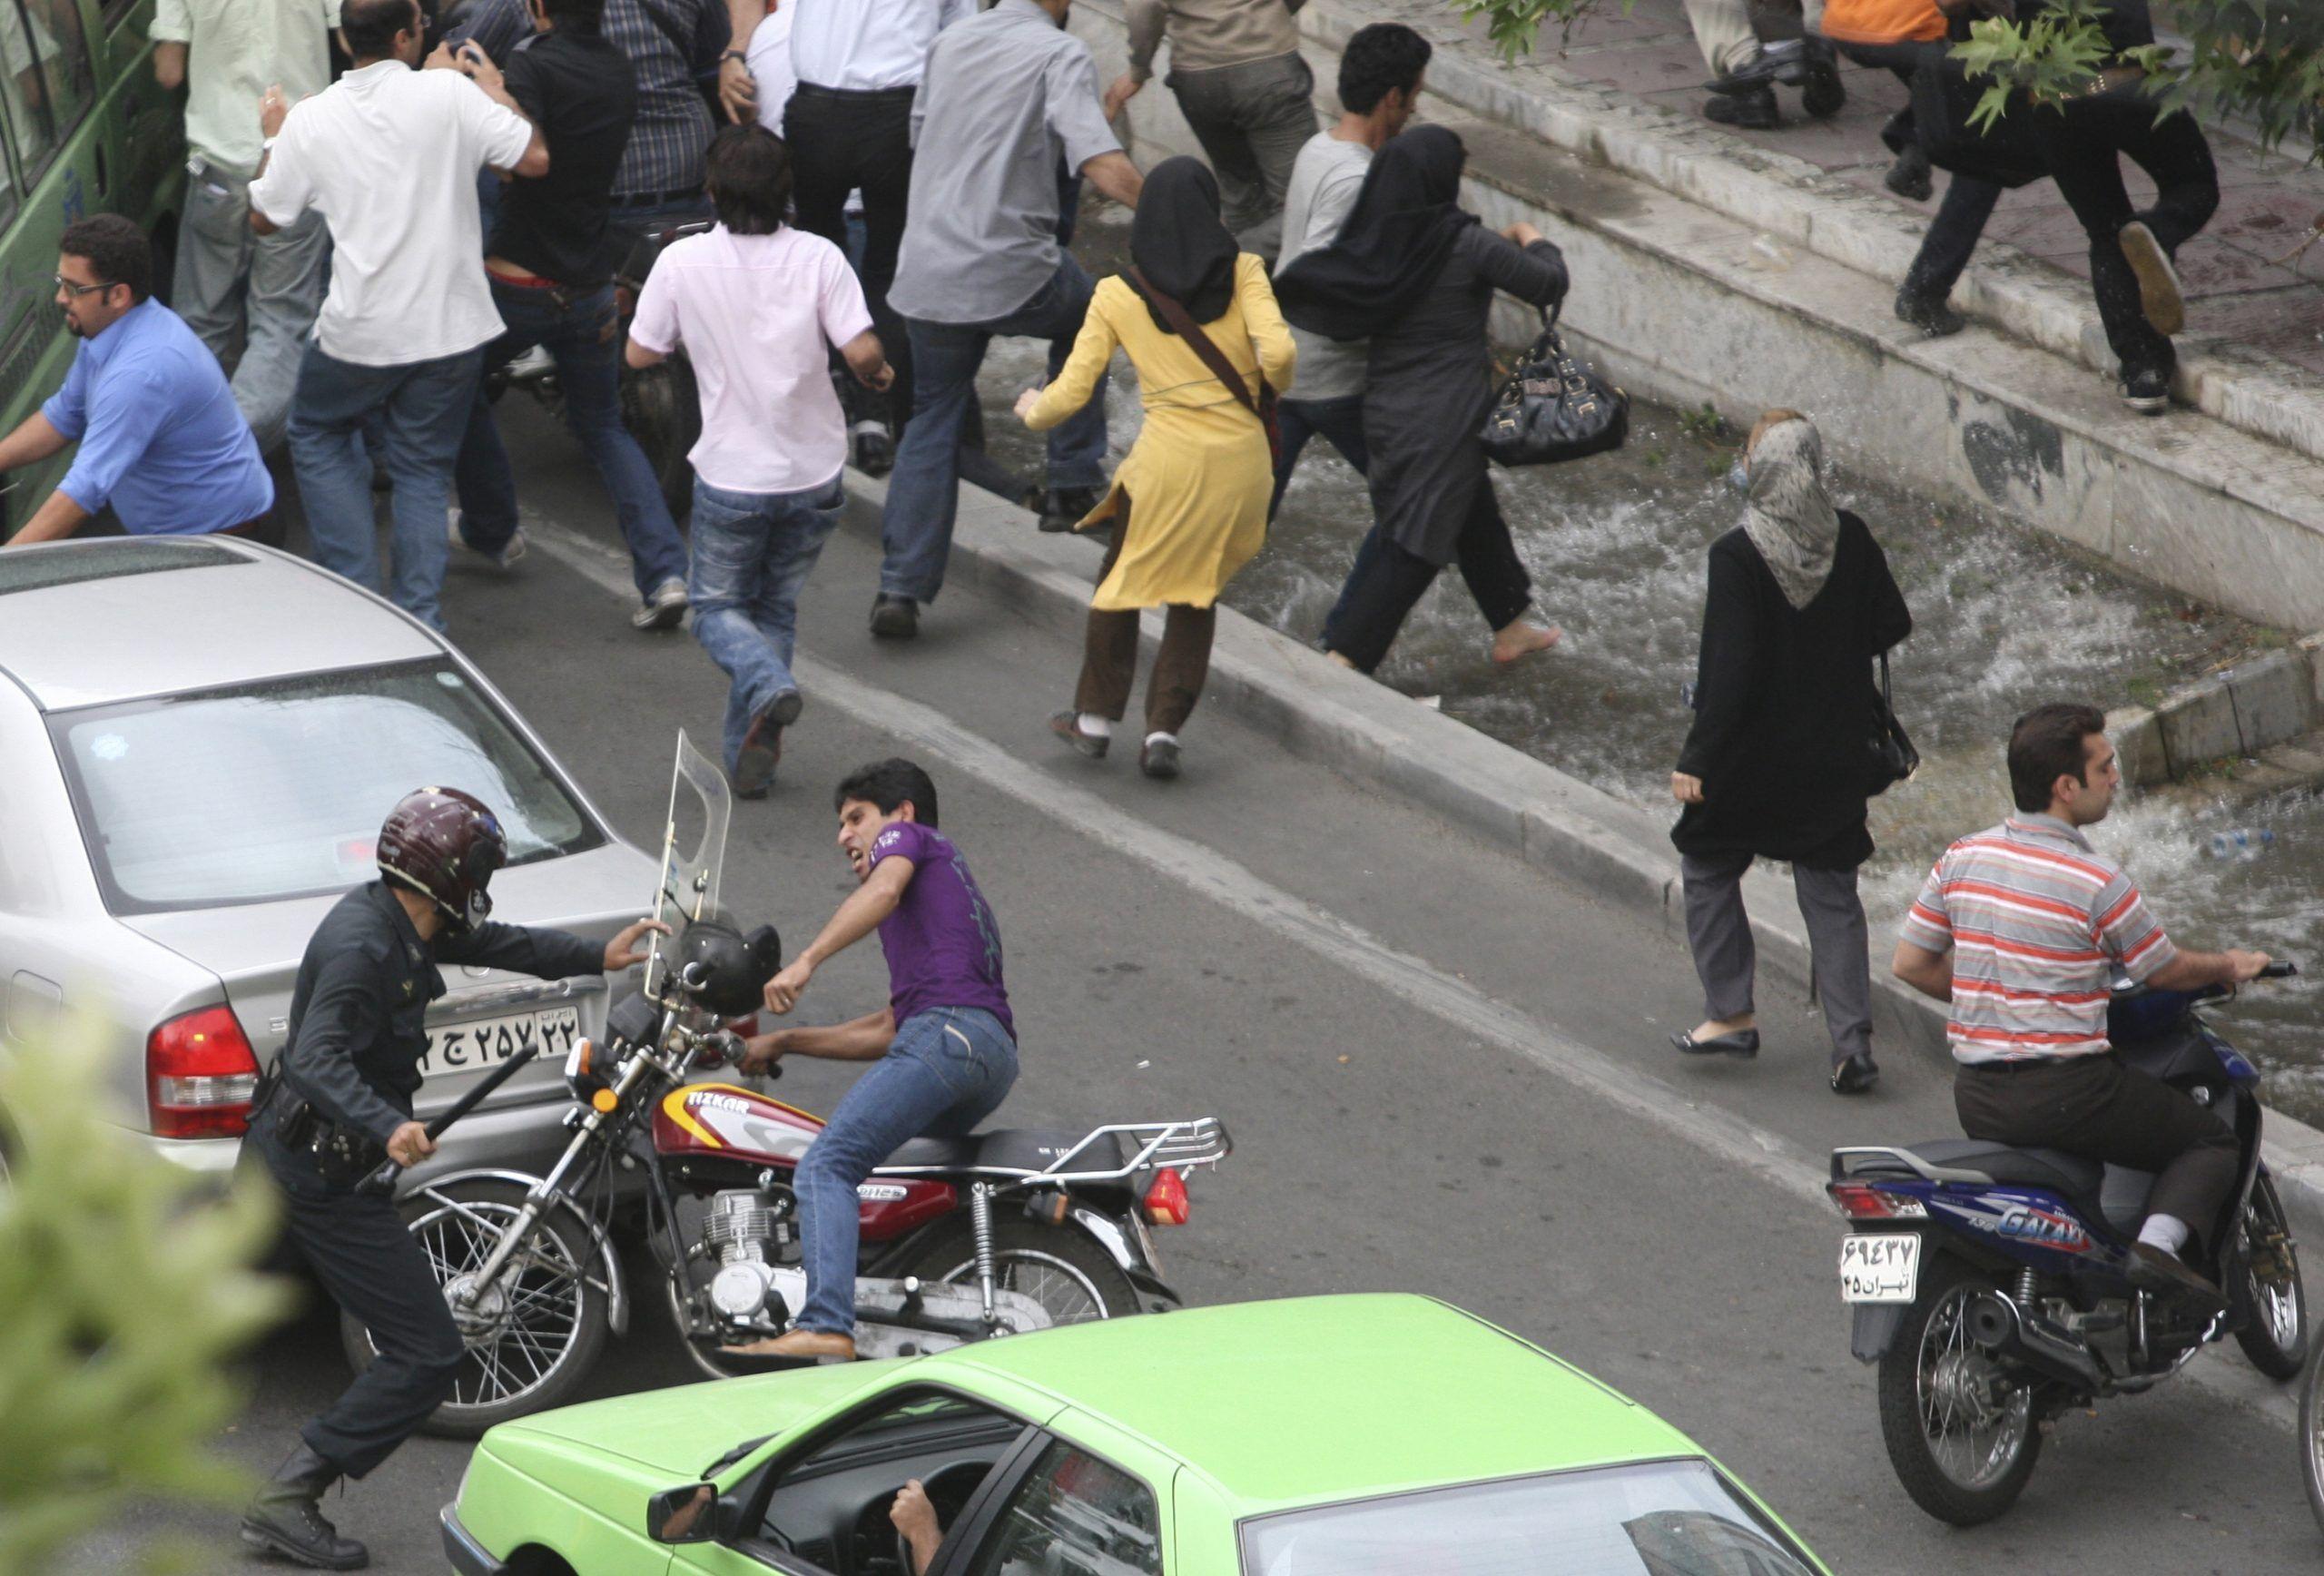 2009-06-14T120000Z_391760358_GM1E56E1NSM01_RTRMADP_3_IRAN-ELECTION-CLASH-scaled